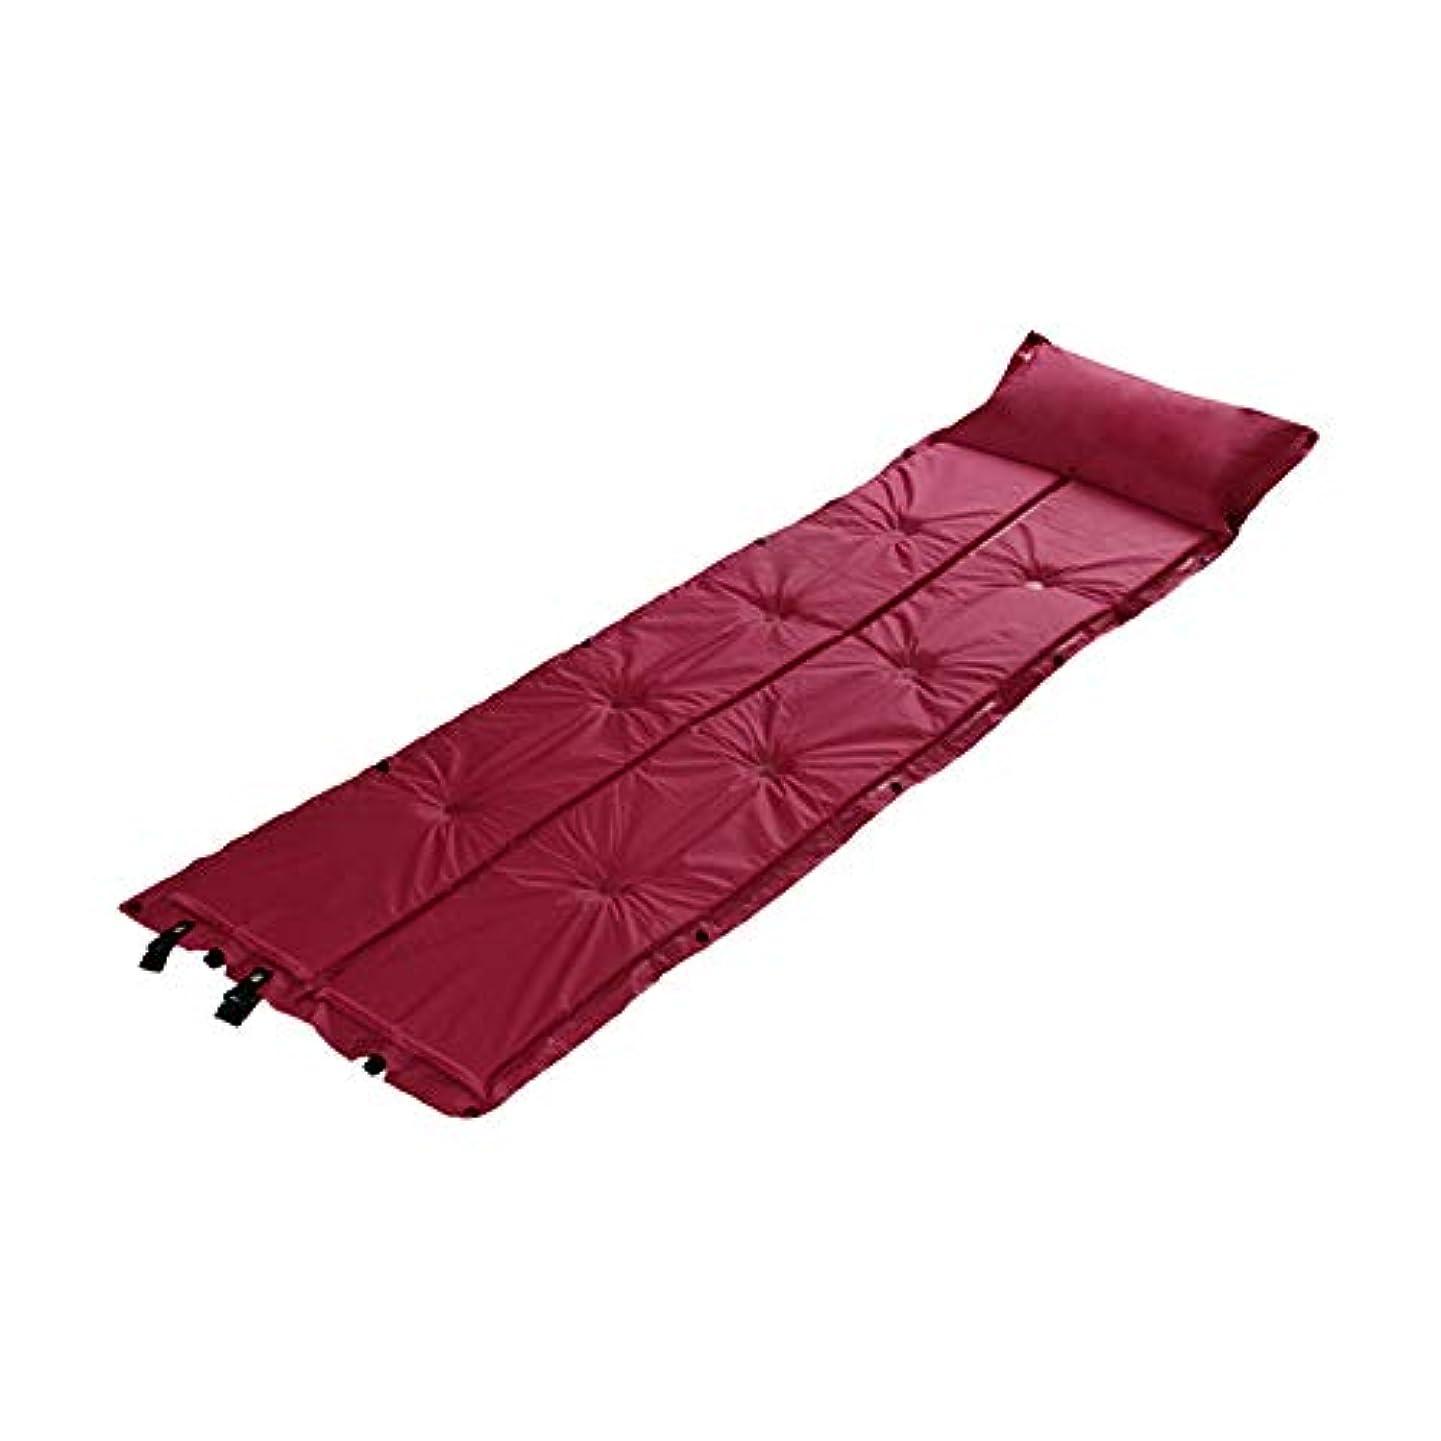 ビュッフェ大学院それから枕と単一の屋外の自動膨脹可能なクッションは膨脹可能なマットのキャンプの睡眠のマットをステッチすることができます